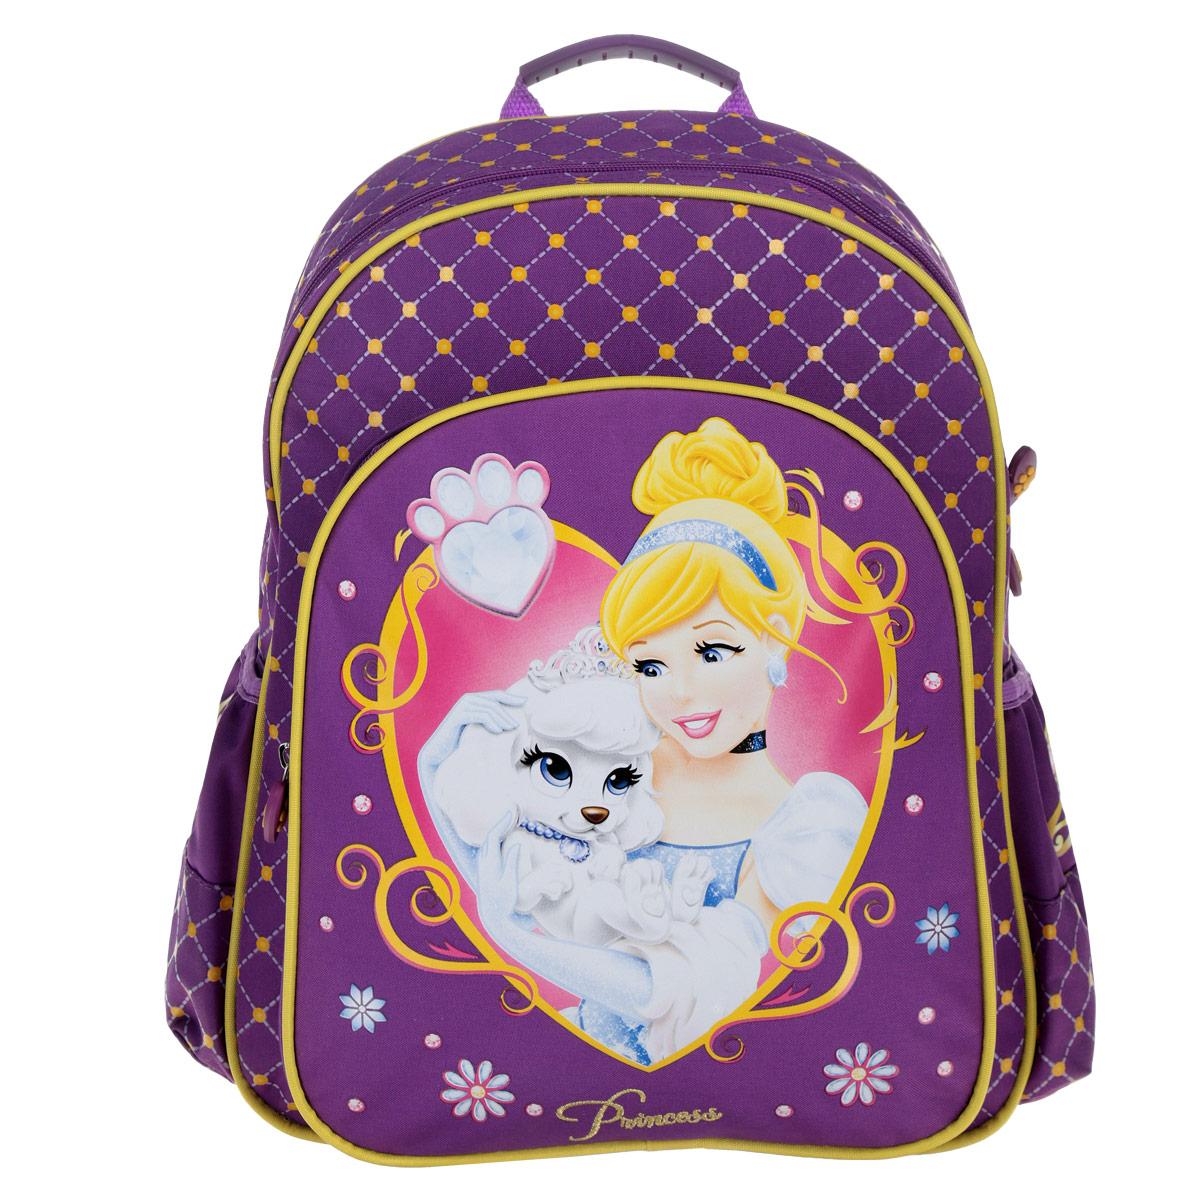 Рюкзак школьный Disney Princess Королевские питомцы, цвет: фиолетовый. 2256922569Школьный рюкзак Disney Princess Королевские питомцы станет надежным спутником в получении знаний. Он выполнен из износостойкого материала фиолетового цвета и содержит одно отделение, закрывающееся на застежку-молнию с двумя бегунками. Внутри находятся фиксаторы для тетрадей и учебников и большой карман-сеточка. На лицевой стороне расположен большой накладной карман, закрывающийся на застежку-молнию, который оформлен изображением принцессы с белой собачкой на руках. Бегунки на застежках дополнены прорезиненными держателями в виде сердечек с отпечатком лапки. По бокам рюкзака расположены внешние карманы, стянутые сверху резинками. Усиленная спинка EVA комфортно прилегает и оберегает от неприятного взаимодействия с твердыми предметами, которые могут переноситься в рюкзаке. Широкие плечевые ремни имеют толстую и мягкую прокладку и равномерно распределяют нагрузку на плечевой пояс. Лямки регулируются по длине. Рюкзак оснащен удобной гибкой ручкой для переноски в руке....